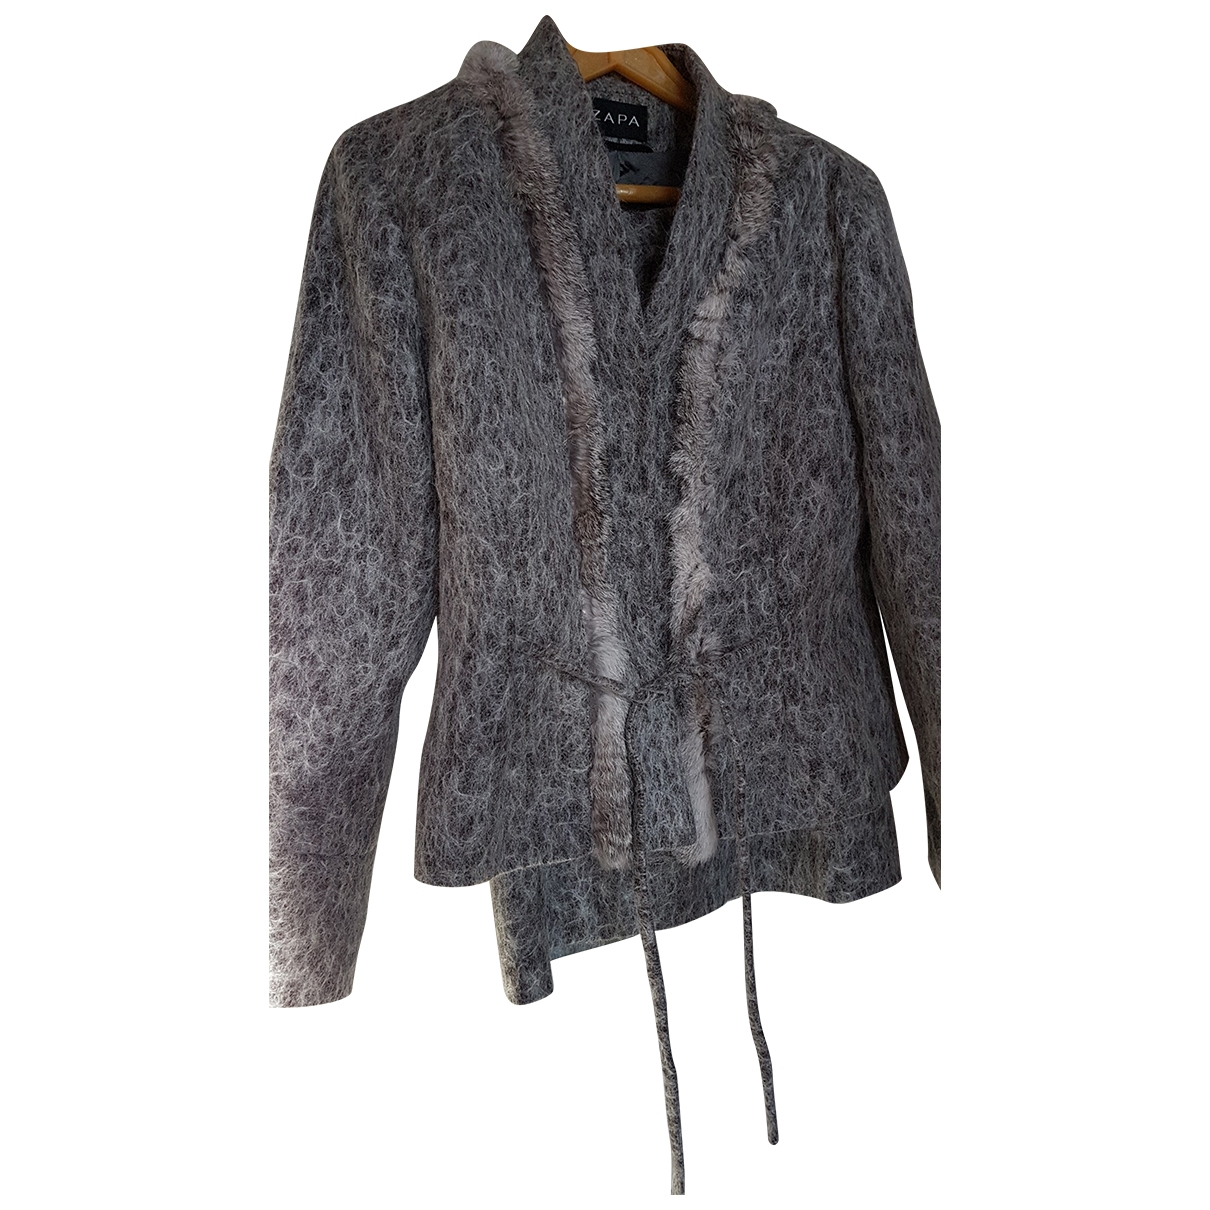 Zapa - Veste   pour femme en laine - gris